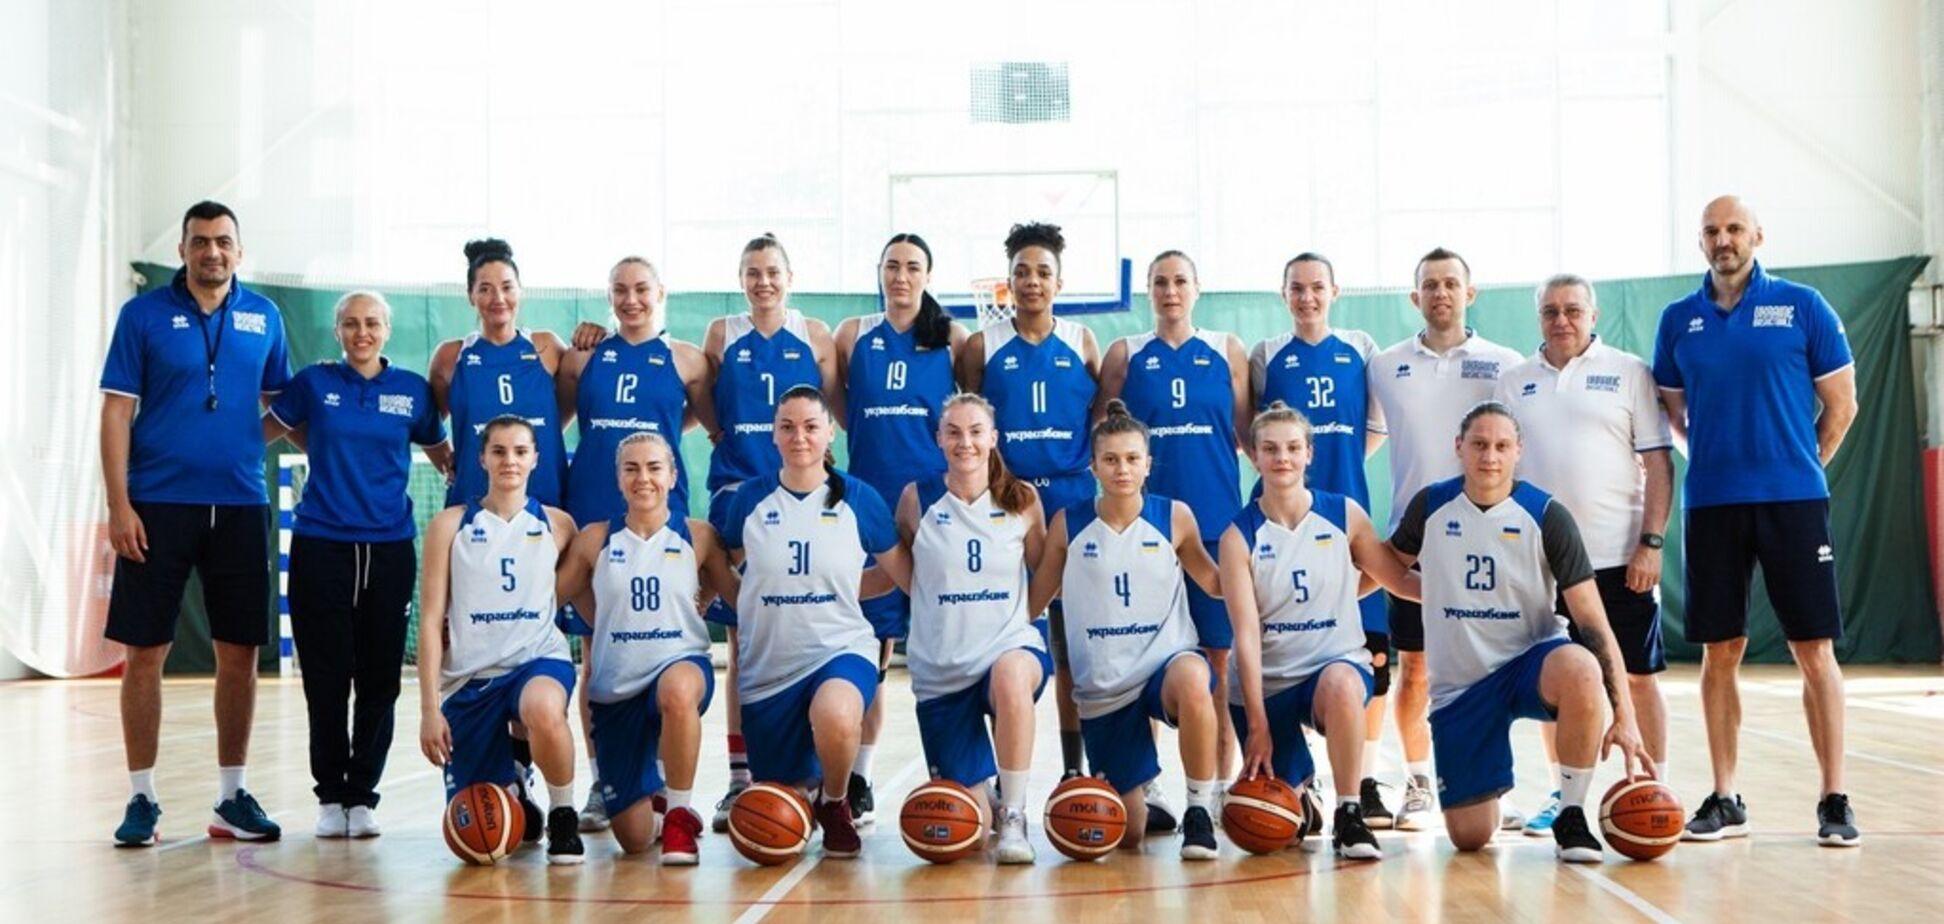 Украина назвала состав на женский Евробаскет-2019